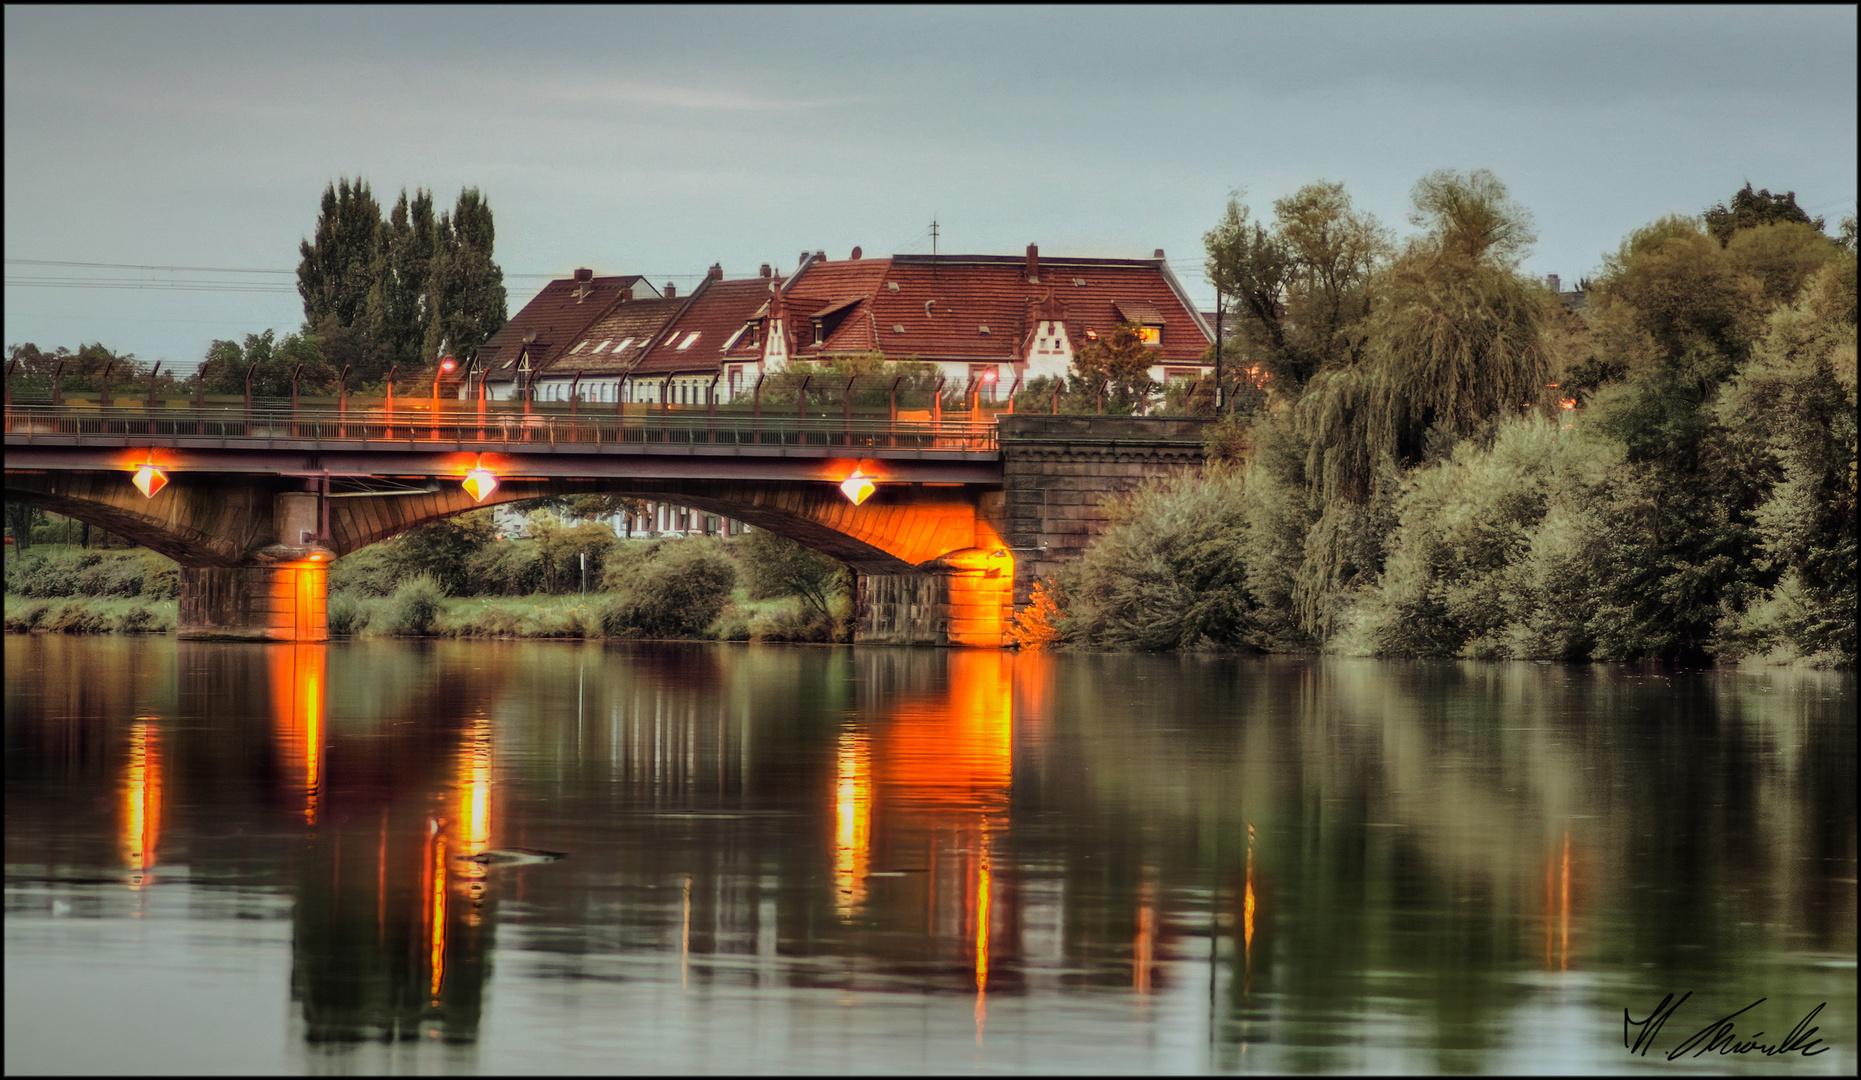 Zugbrücke HDR